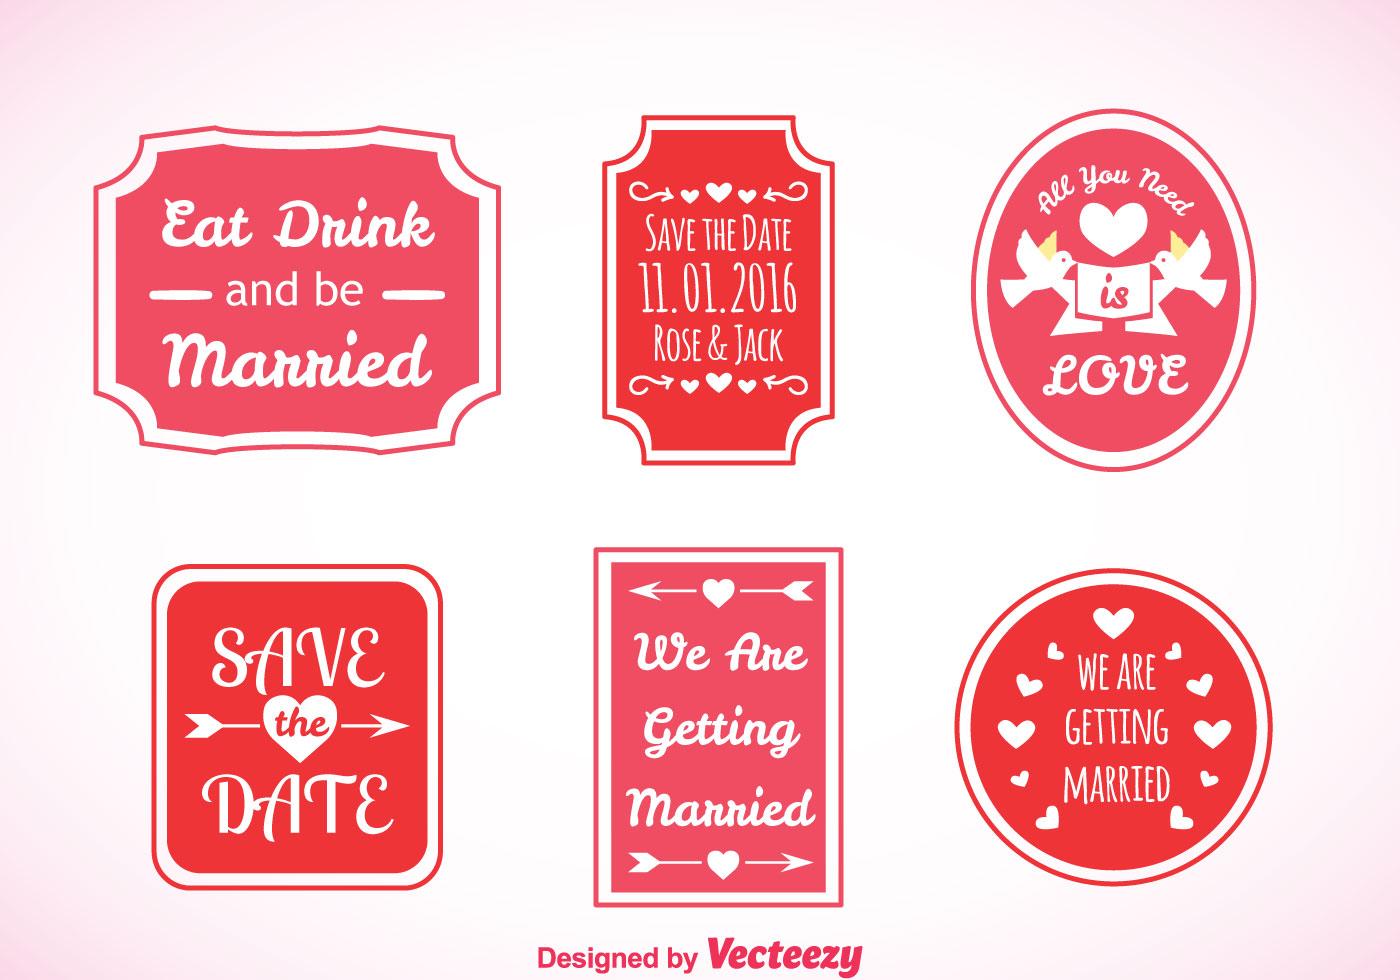 Wedding Pink Labels Vector - Download Free Vector Art, Stock ...